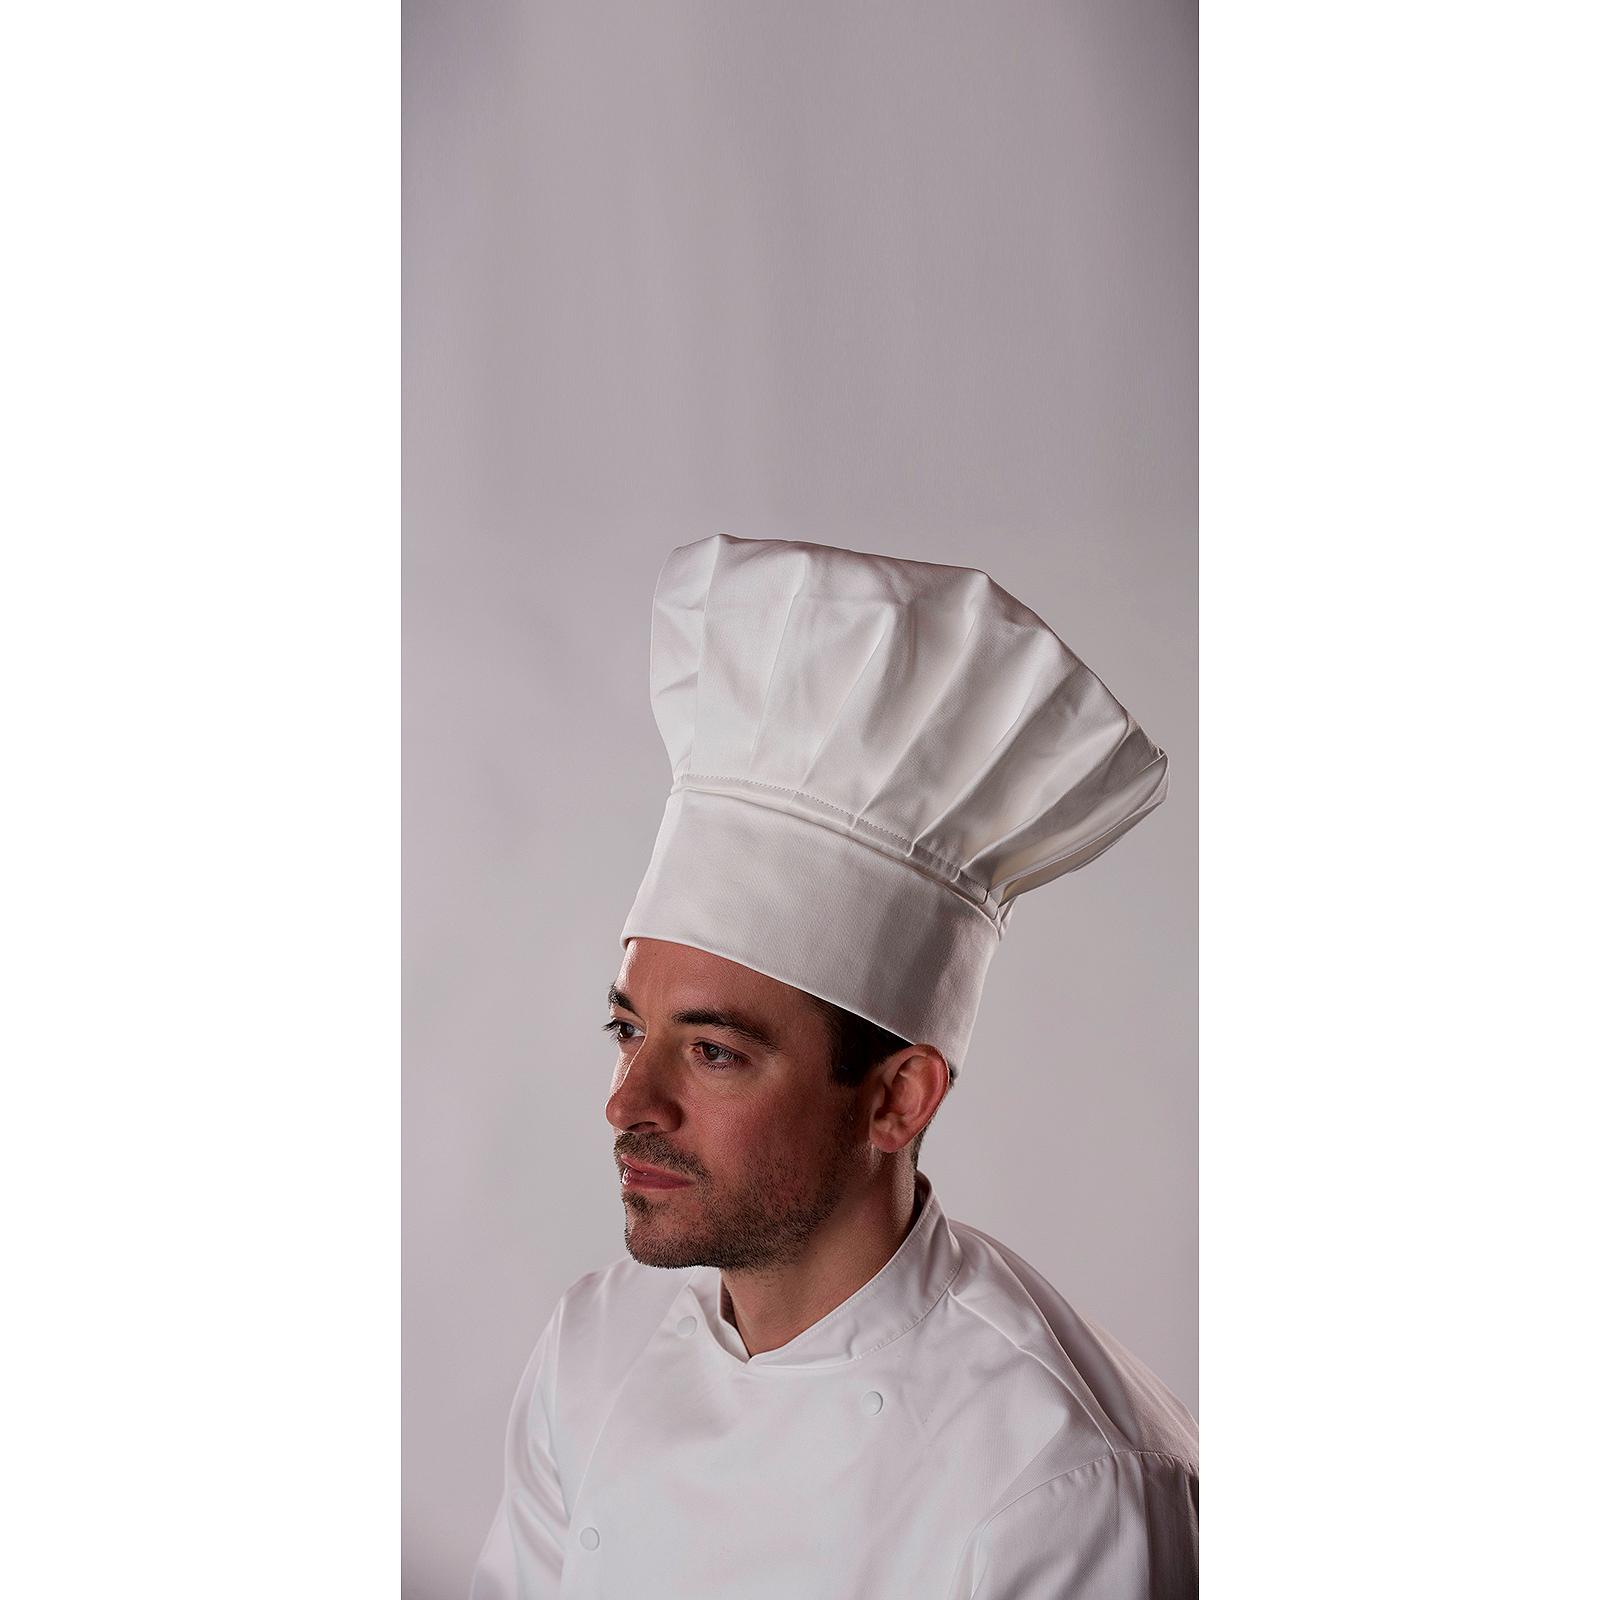 SENTINEL Cappello di alta qualità originale cucina tradizionale Chefwear  Cap bianco uomini di Chef alto 56e3acc9595f